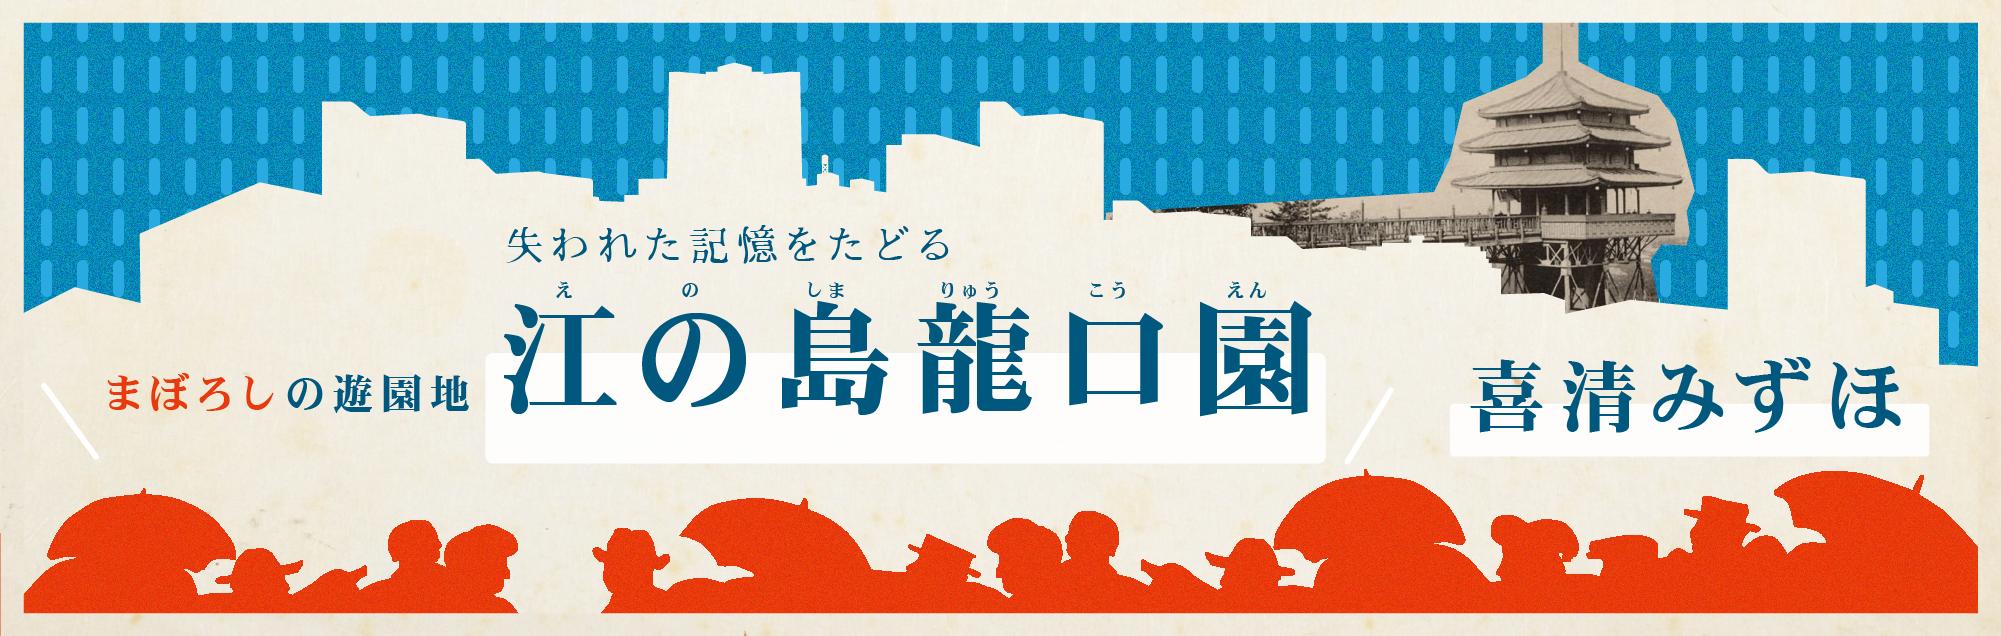 失われた 記憶をたどる まぼろしの遊園地「江の島龍口園(えのしまりゅうこうえん)」 喜清みずほ